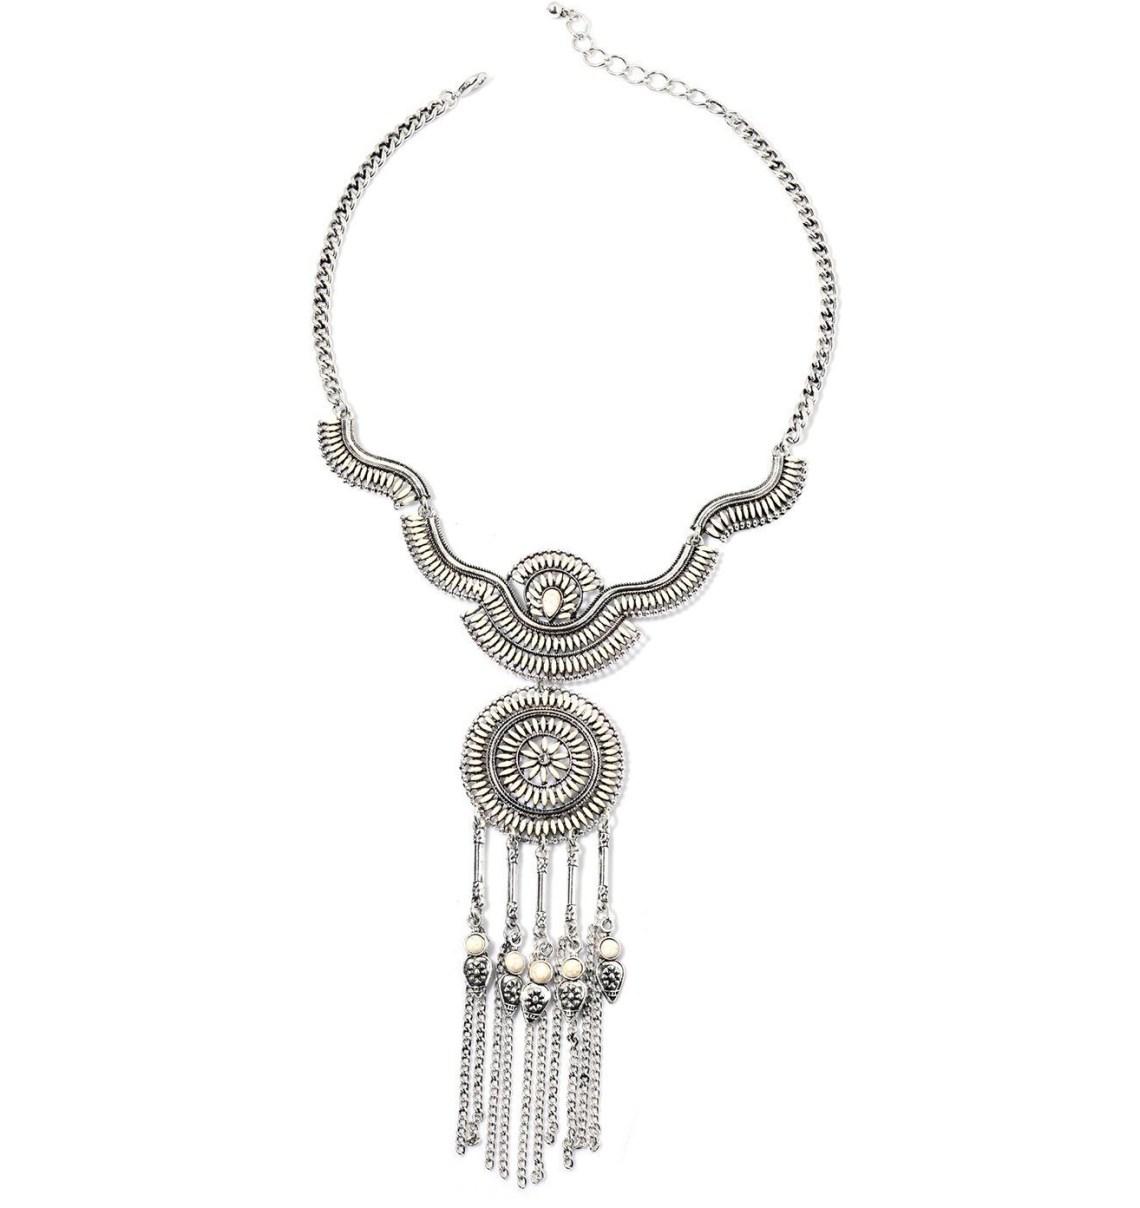 Fashion Week Roundup Jewelry - Silvertone Statement Necklace